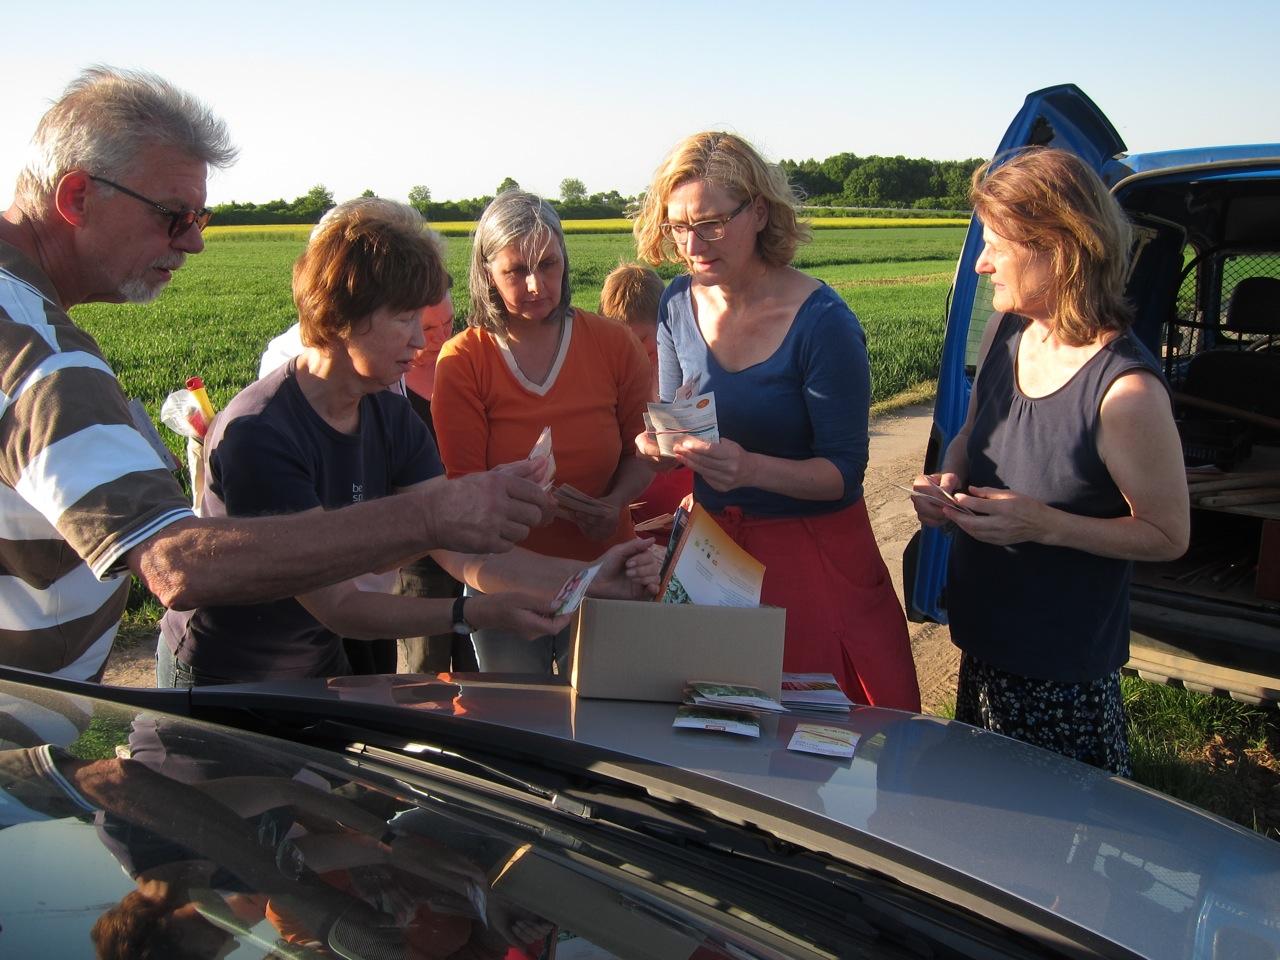 Das Saatgut wurde von der Bingenheimer Saatgut AG gespendet.